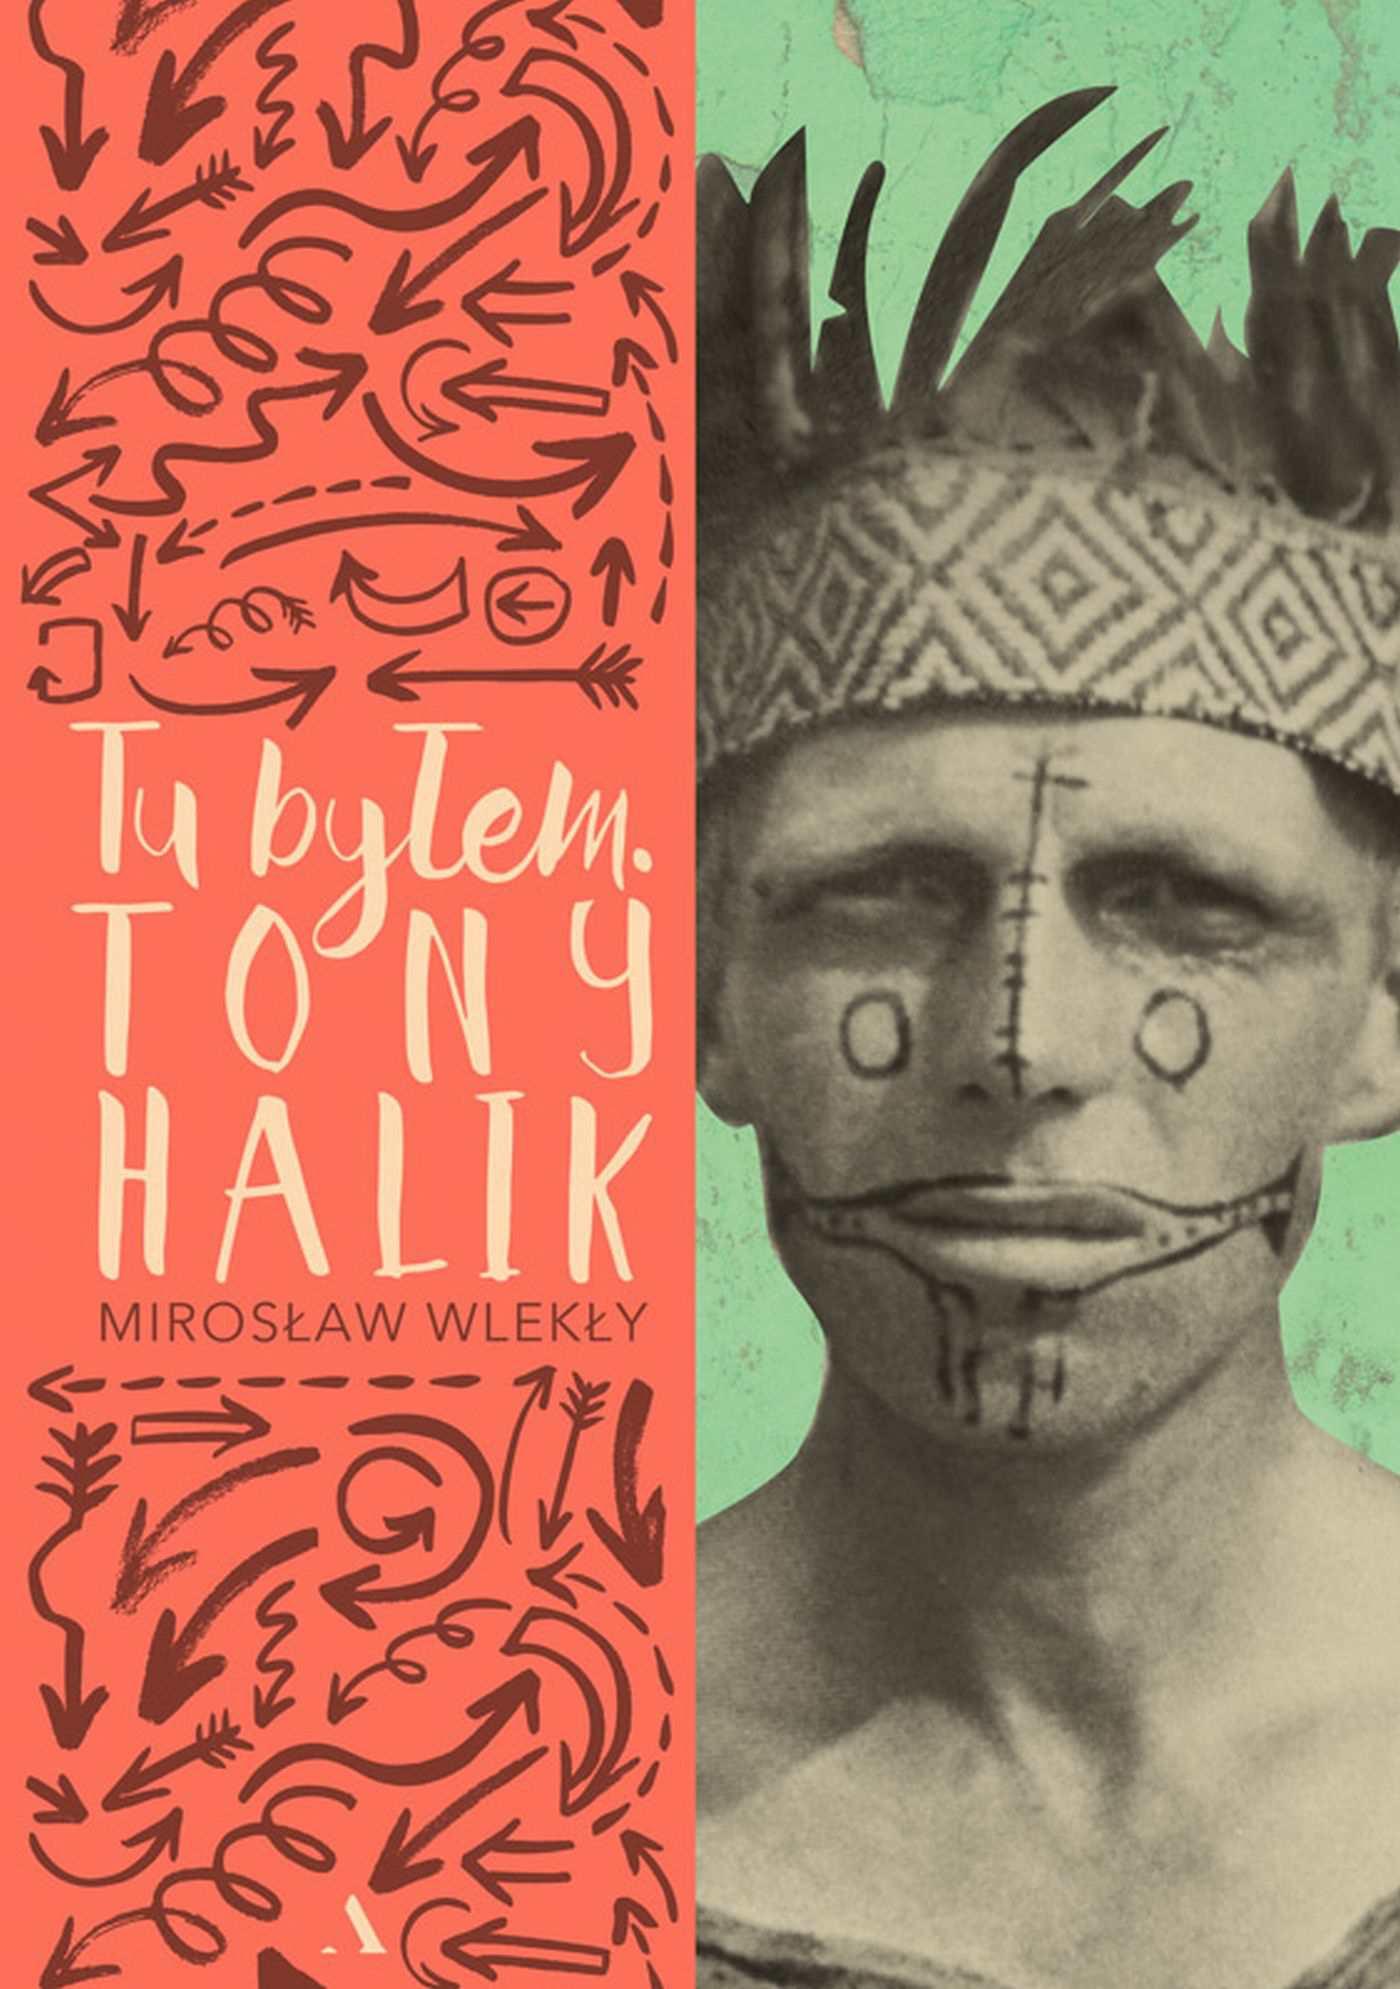 Tu byłem. Tony Halik - Ebook (Książka PDF) do pobrania w formacie PDF